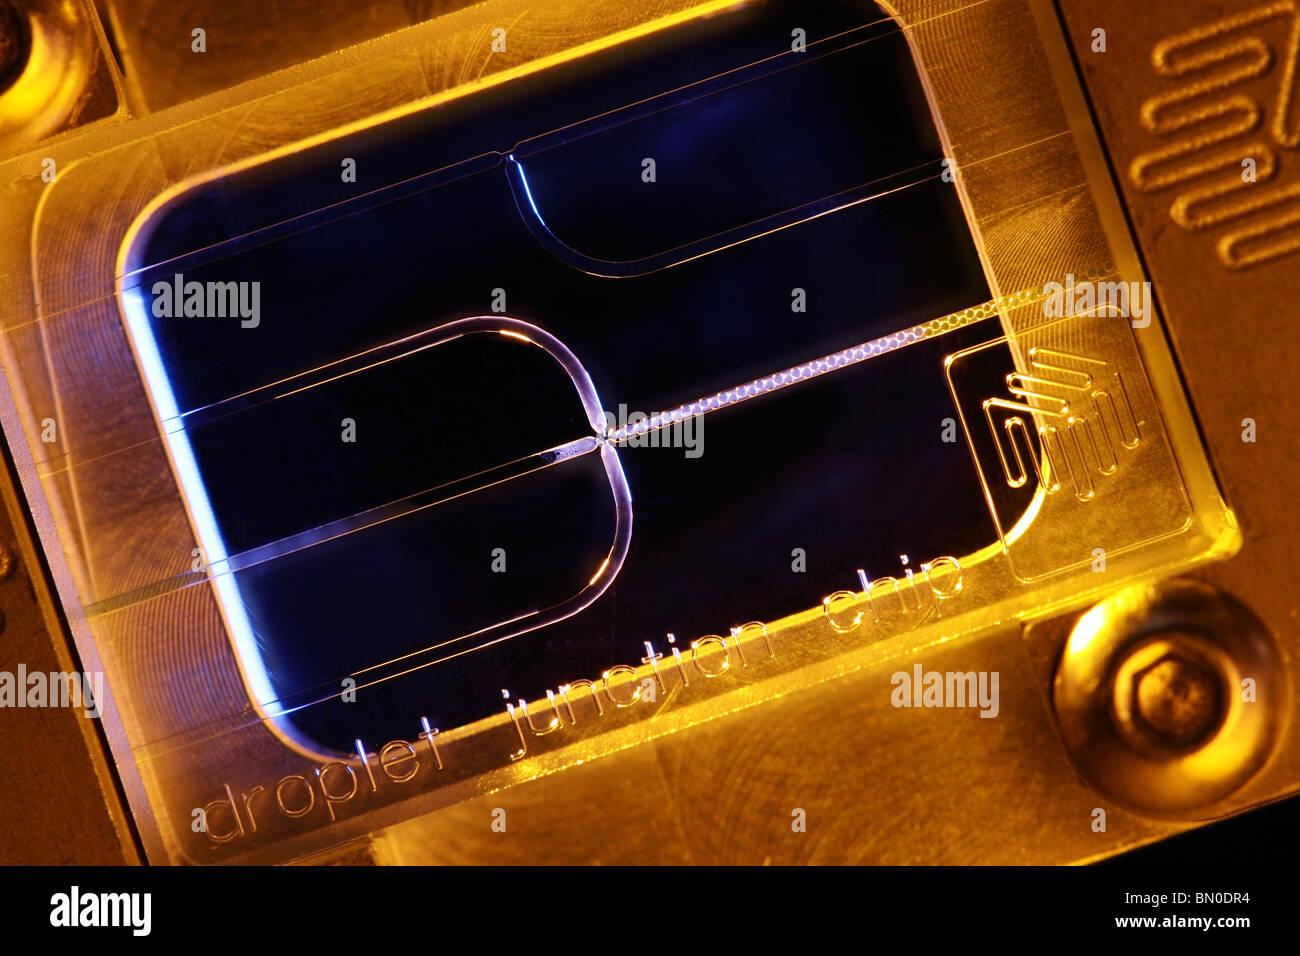 Mikrofluidische geätztem Glas Tropfen Kreuzung Chip für Mono zerstreut Tropfenbildung in Mikro- und Nano Stockbild